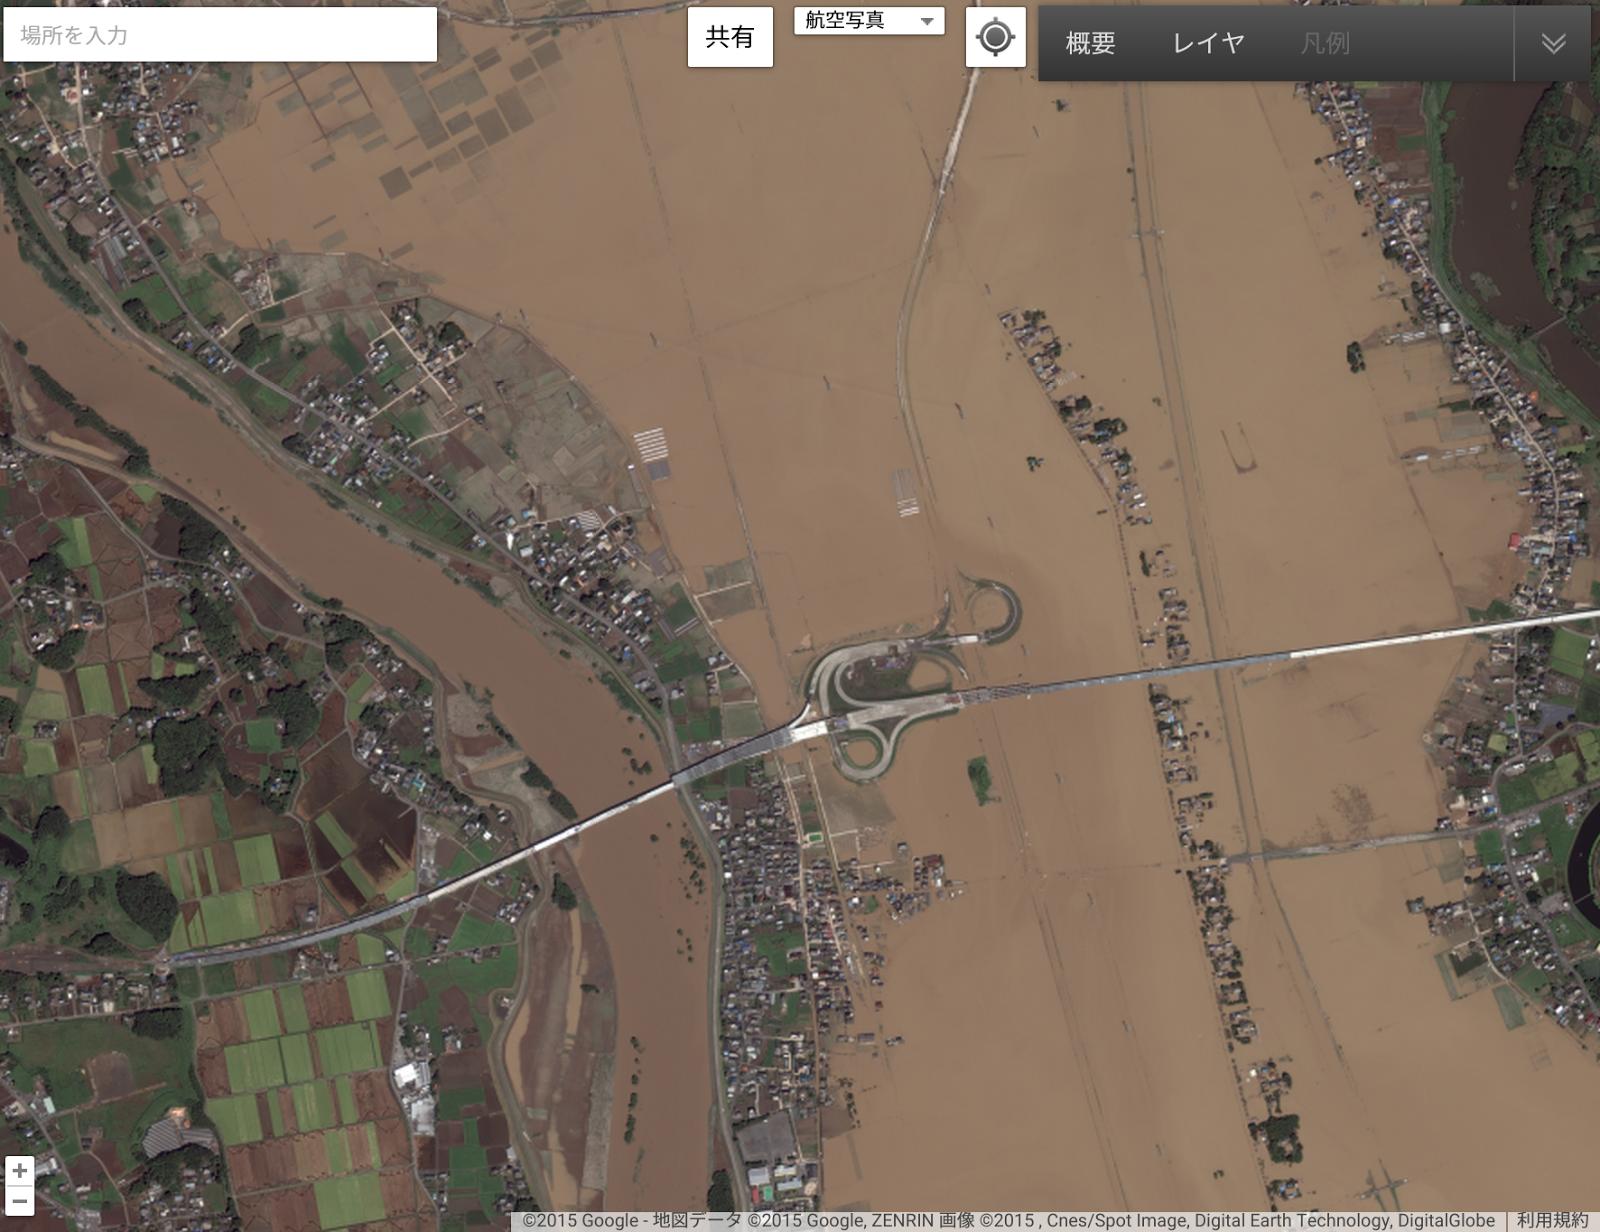 茨城県常総市周辺 水害後(グーグル公式ブログより画像転載) (c)Google, DigitalGlobe